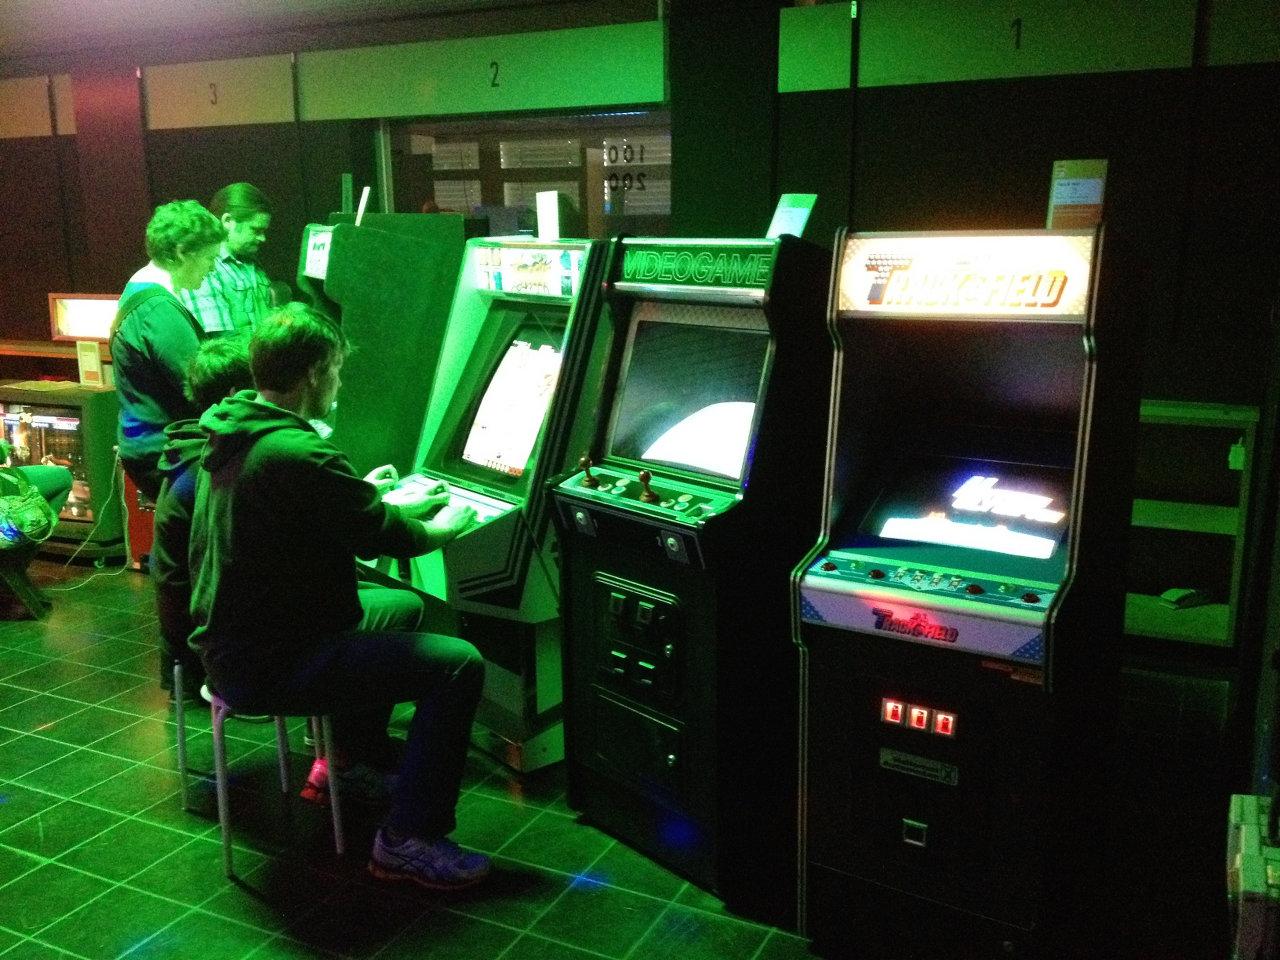 Ein Blick in die Arcade. Hier stehen ca. 30 Videospielautomaten. (Bild: André Eymann)